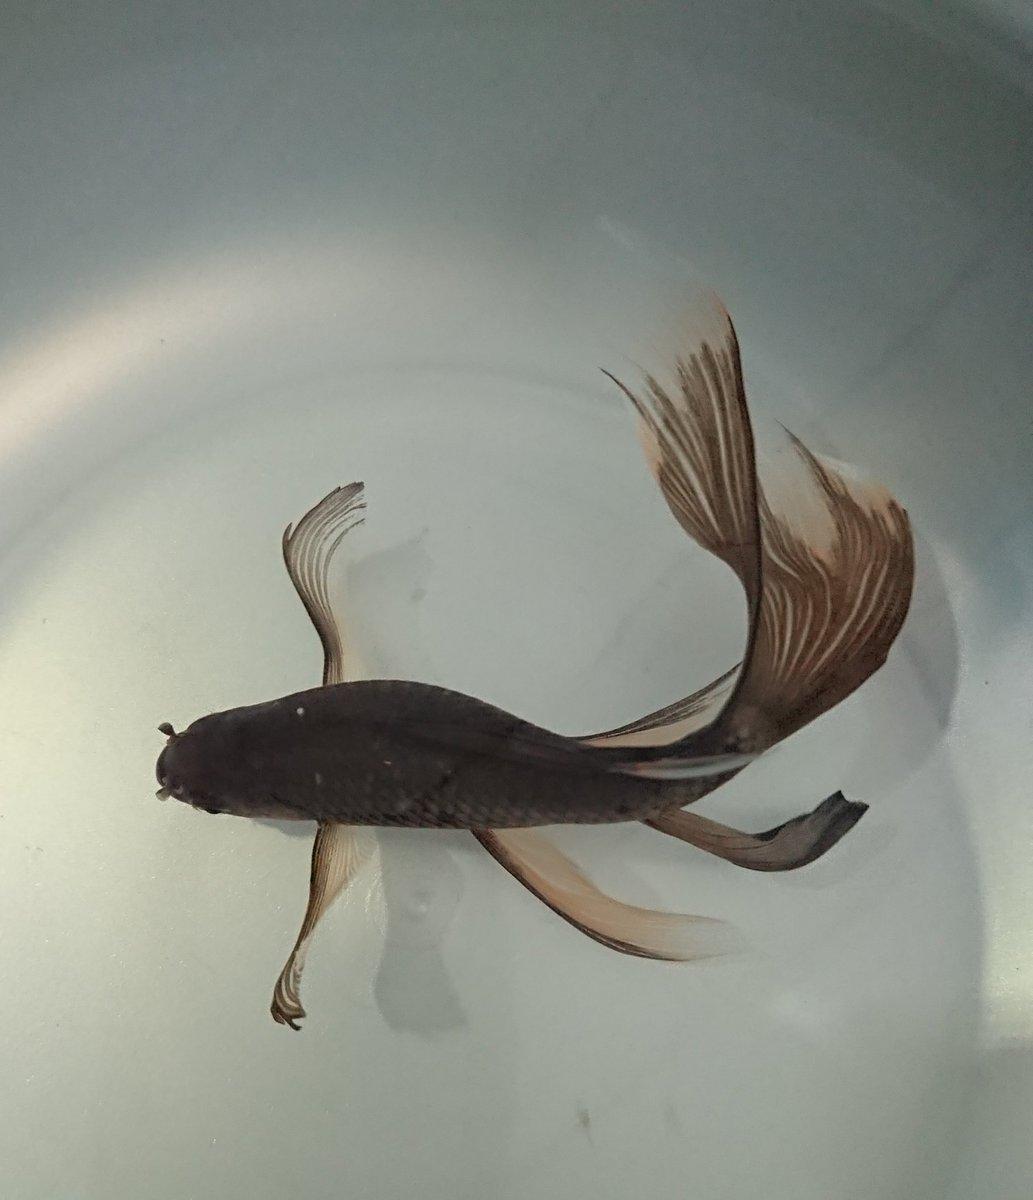 test ツイッターメディア - 玉澤の霜ばしら最後の一個 鉄魚以上に貴重?! アハッ( ̄O ̄) https://t.co/G4PCg7Dnix